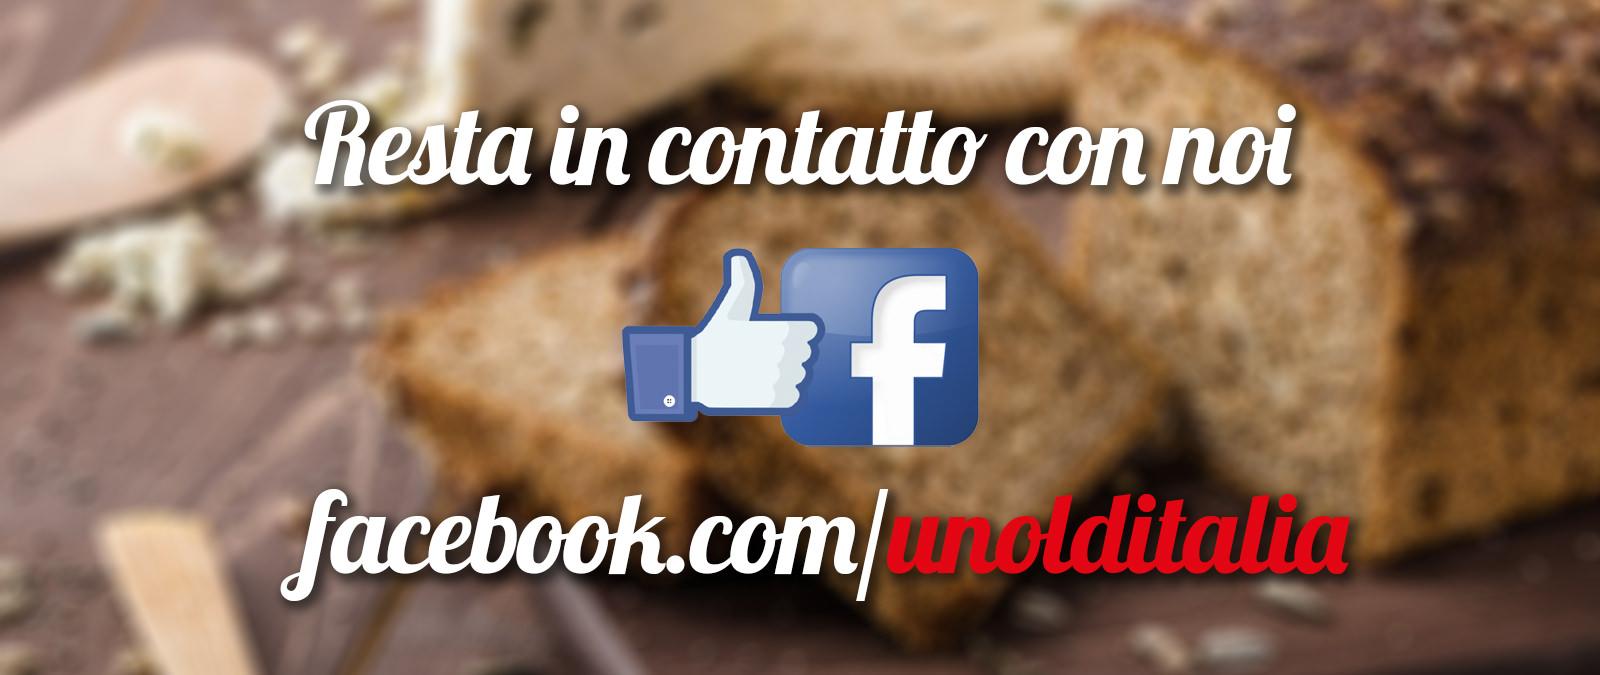 metti un like alla nostra pagina Facebook